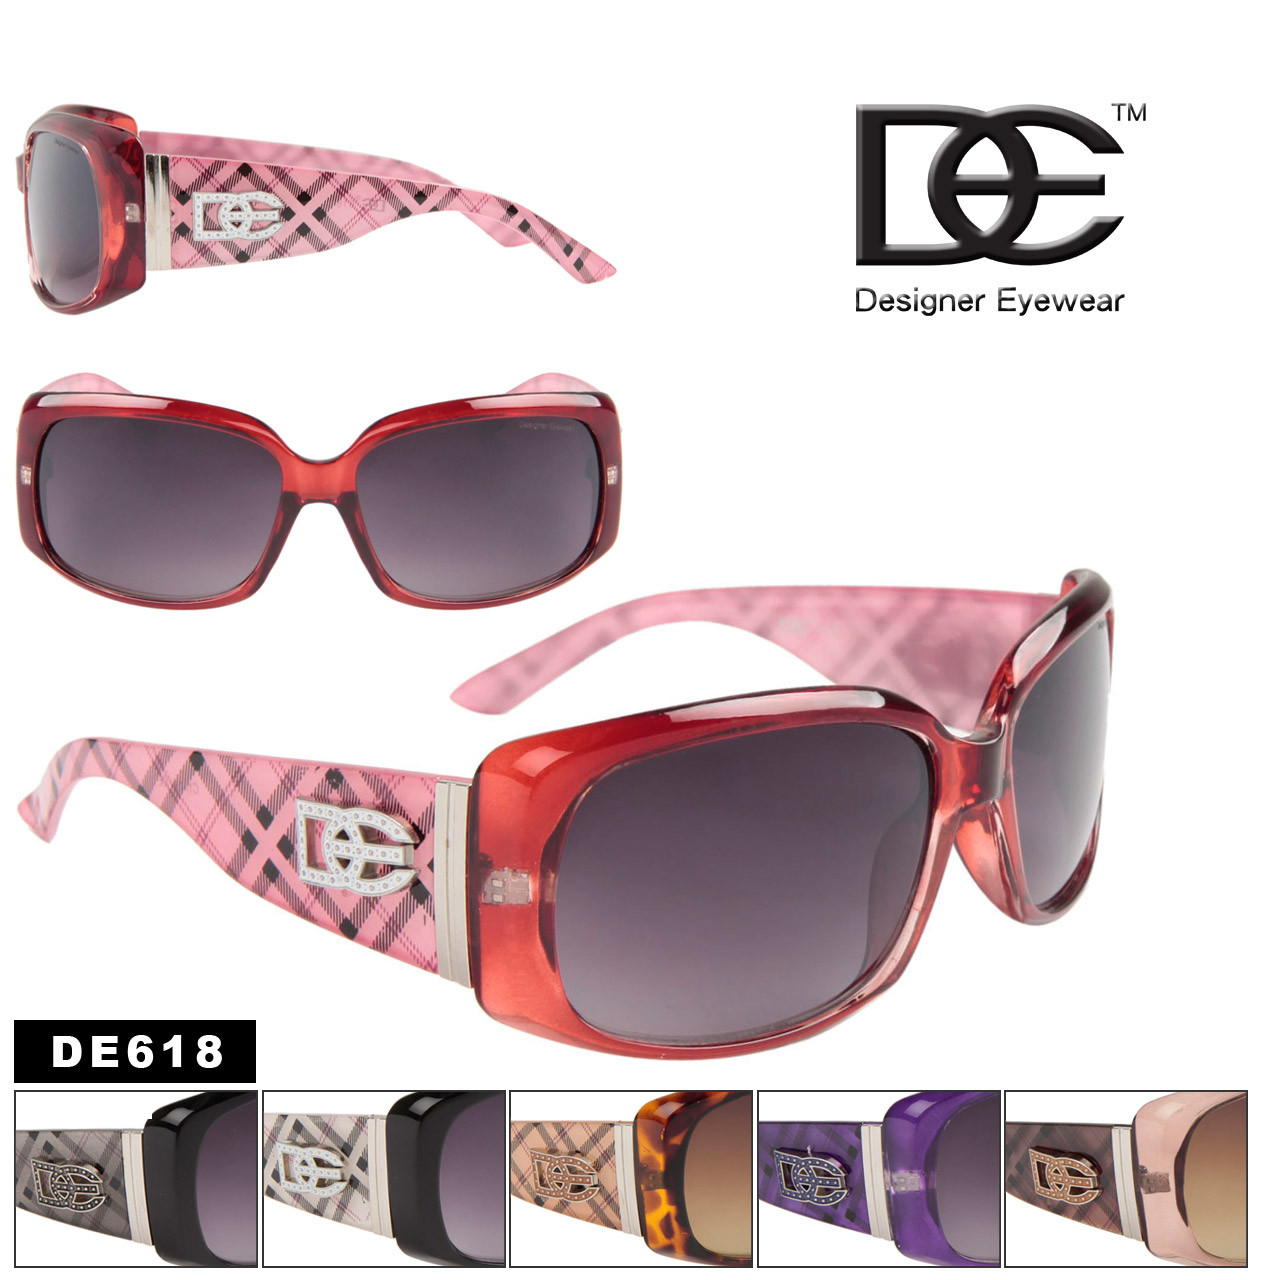 DE618 Fashion Sunglasses